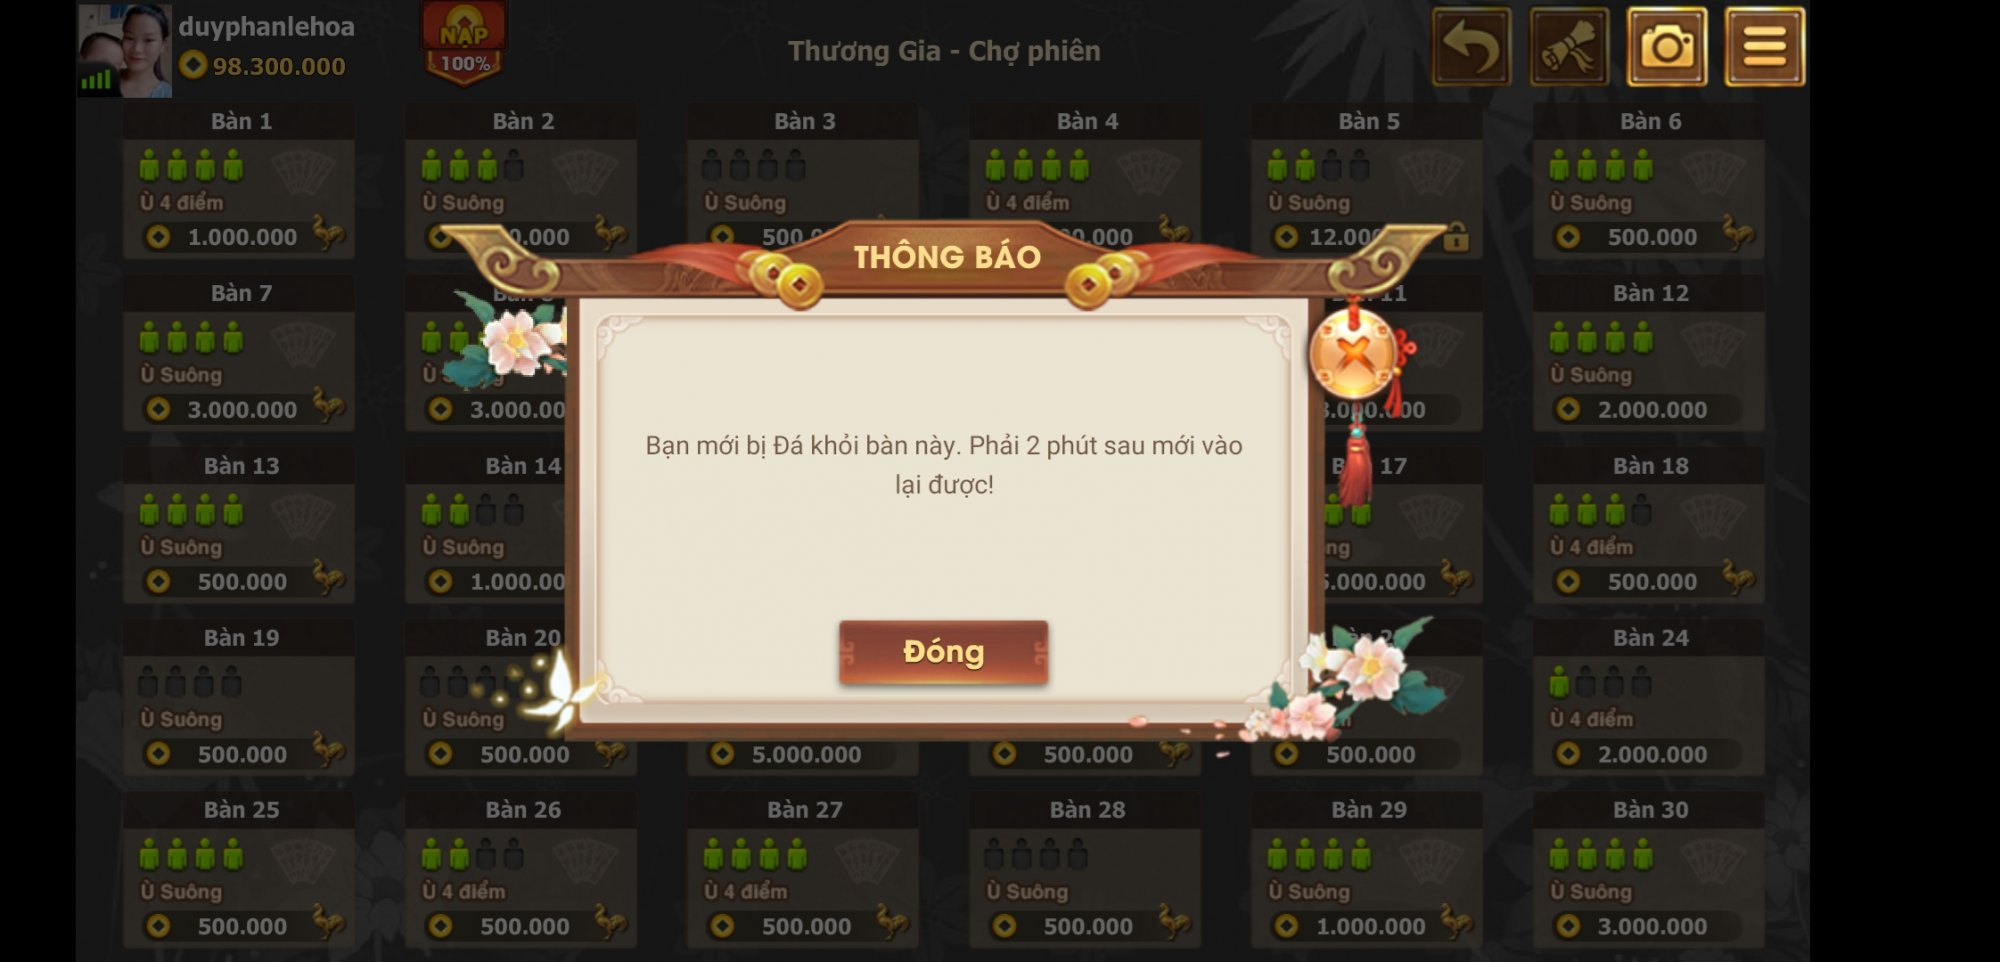 Screenshot_20191112_233811_com.vietsao.chandangian.